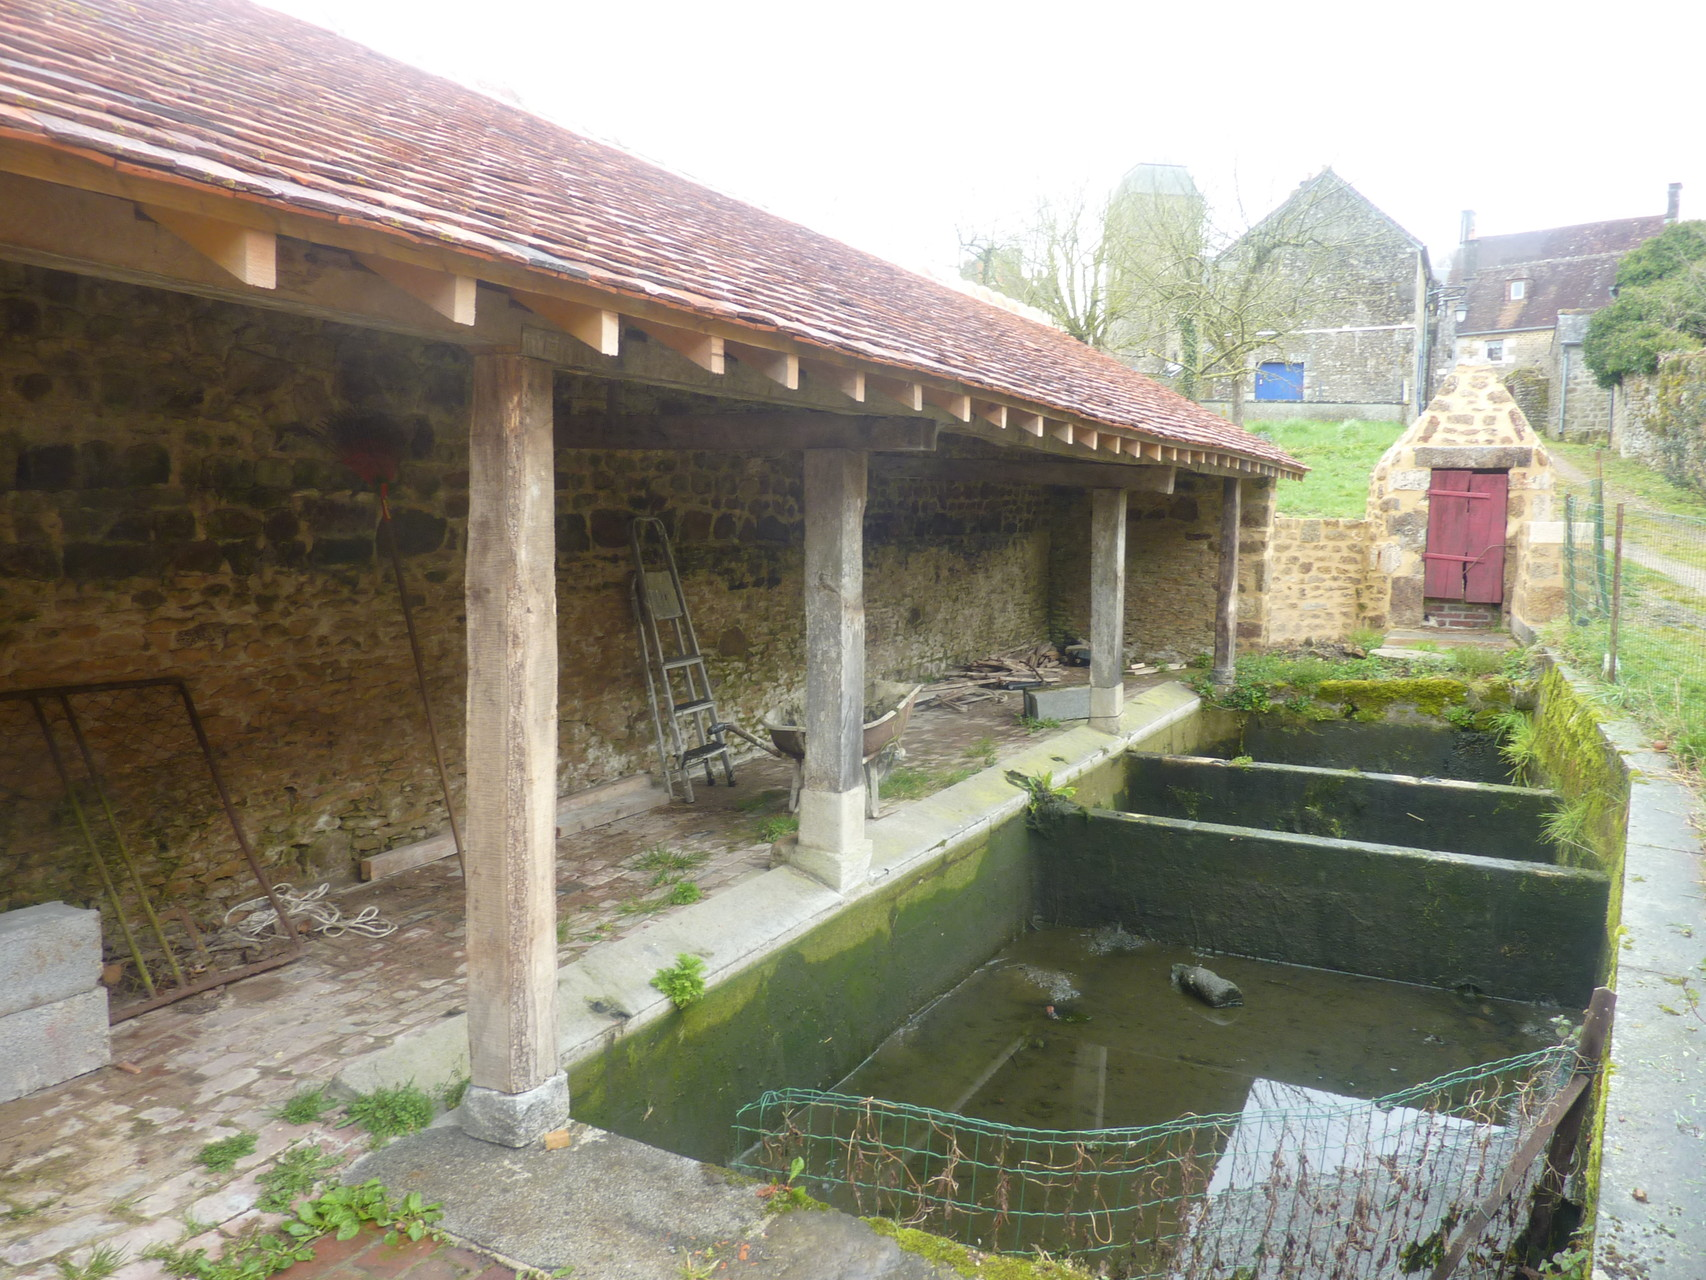 Le bassin n'a plus d'eau pour pouvoir le réparer et le nettoyer.